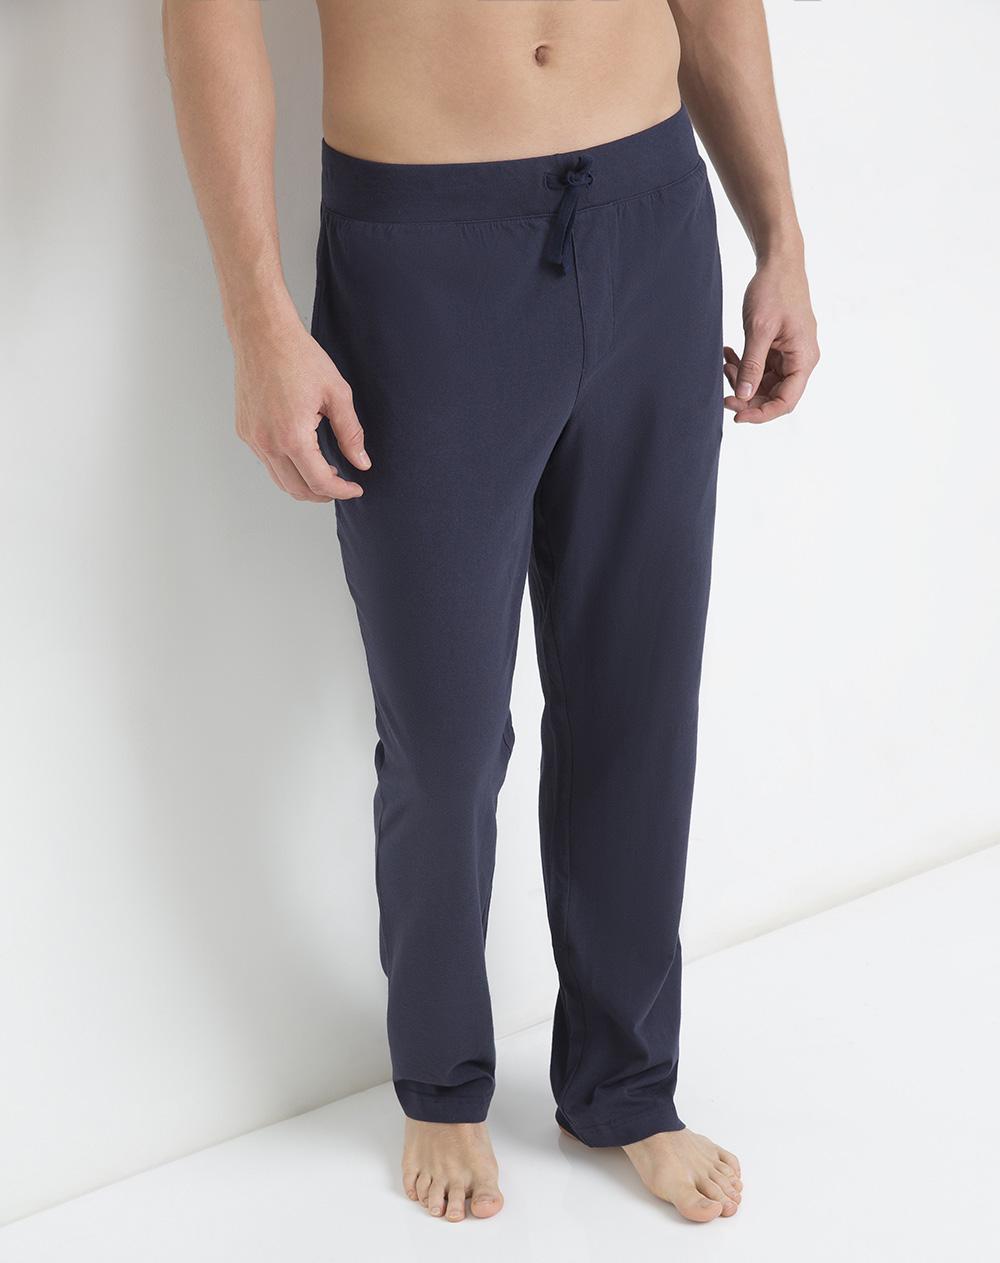 fb686947f Imagen para Pantalón de Pijama para Hombre Alpino 2 Azul de Gef